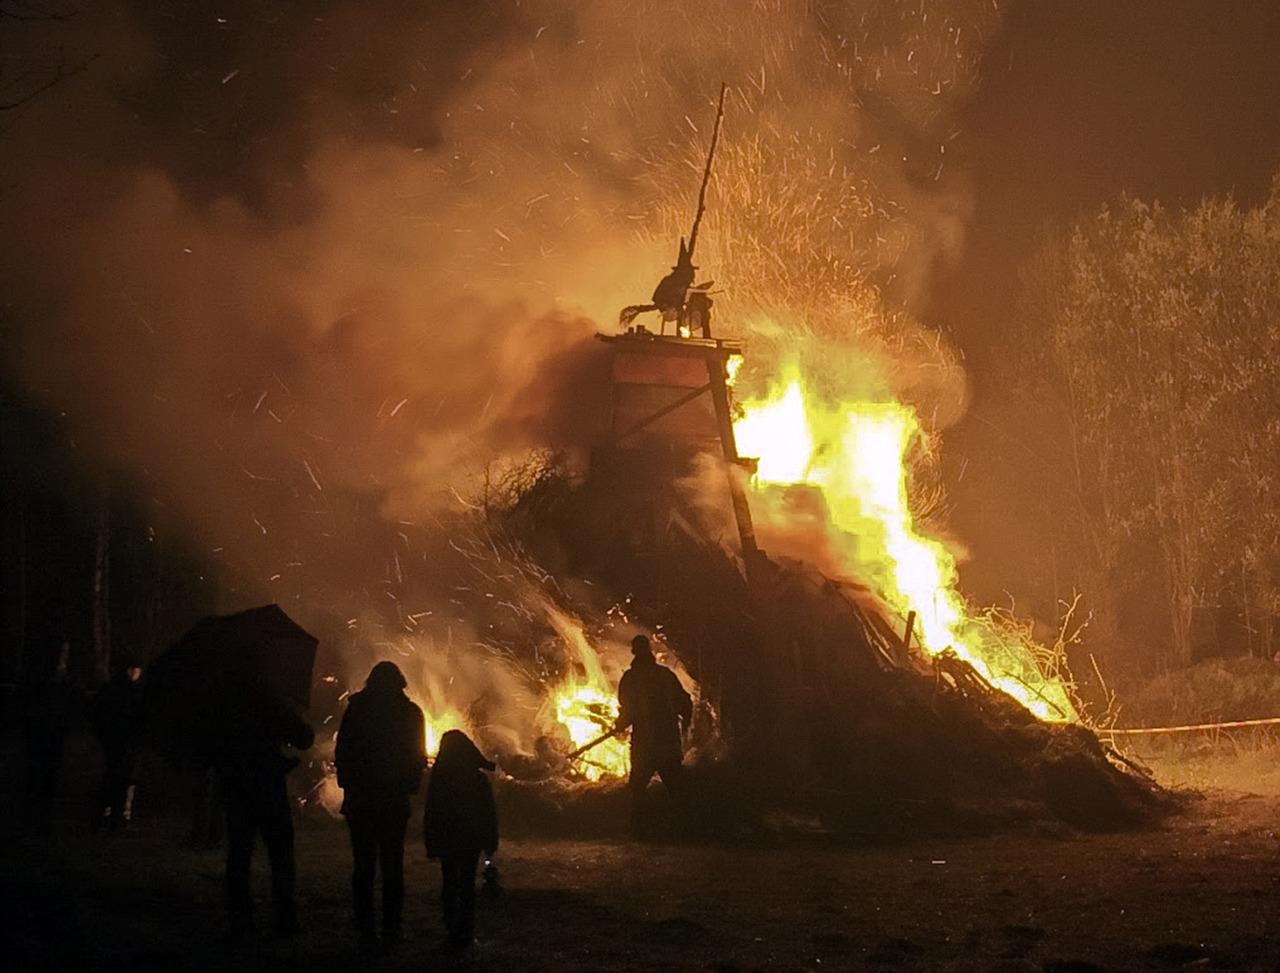 вальпургиева ночь сгорела в огне онлайн даже помню